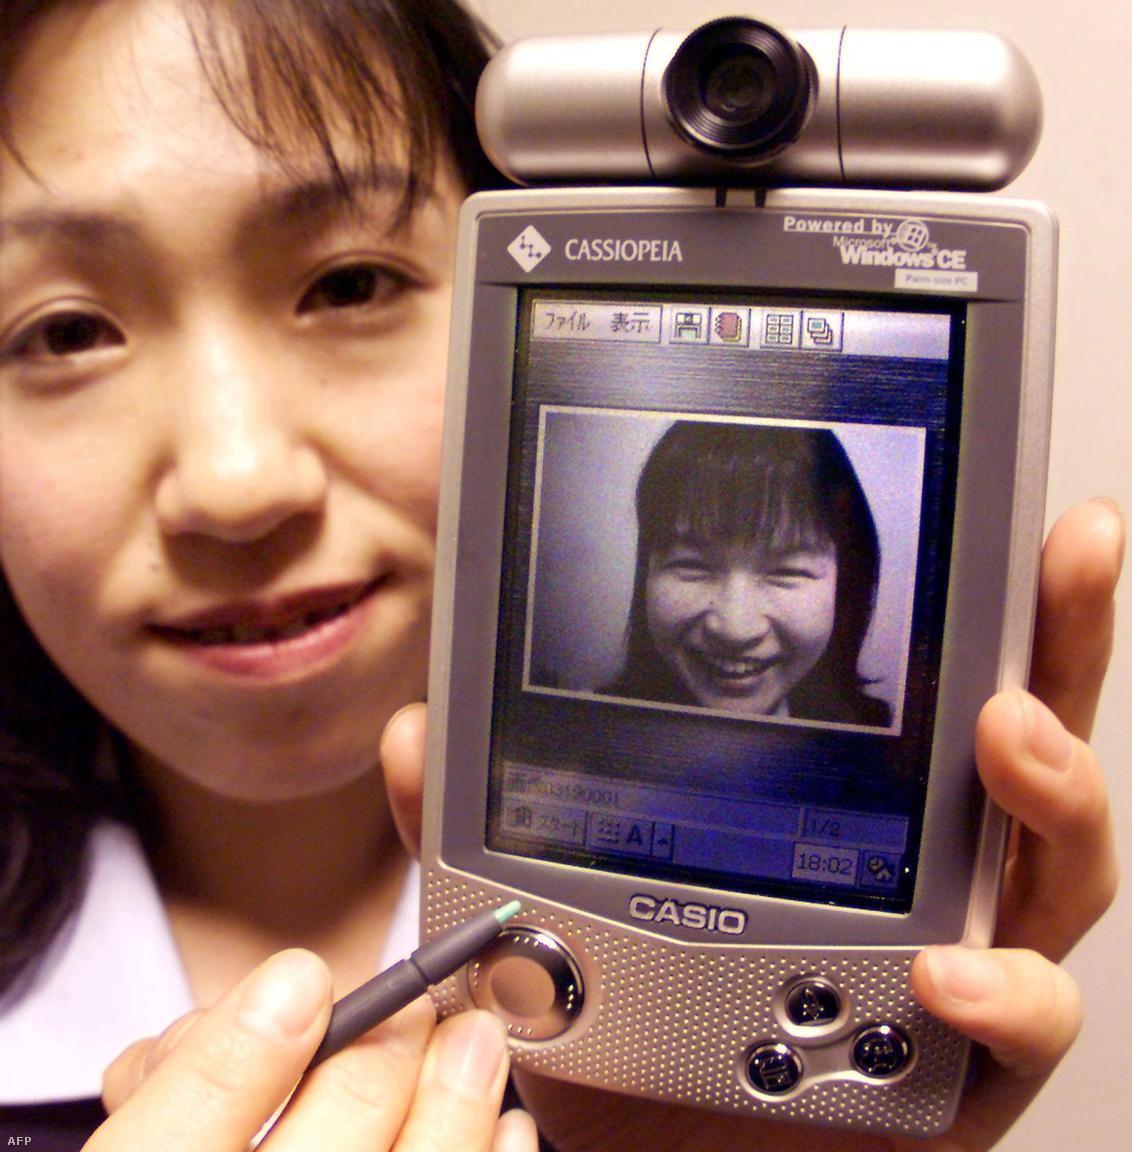 1999-ben mutatták be a Windows CE oprendszerrel működő Cassiopeia E-507 kéziszámítógépet, amihez 350000 pixeles CCD videokamera csatlakozott.